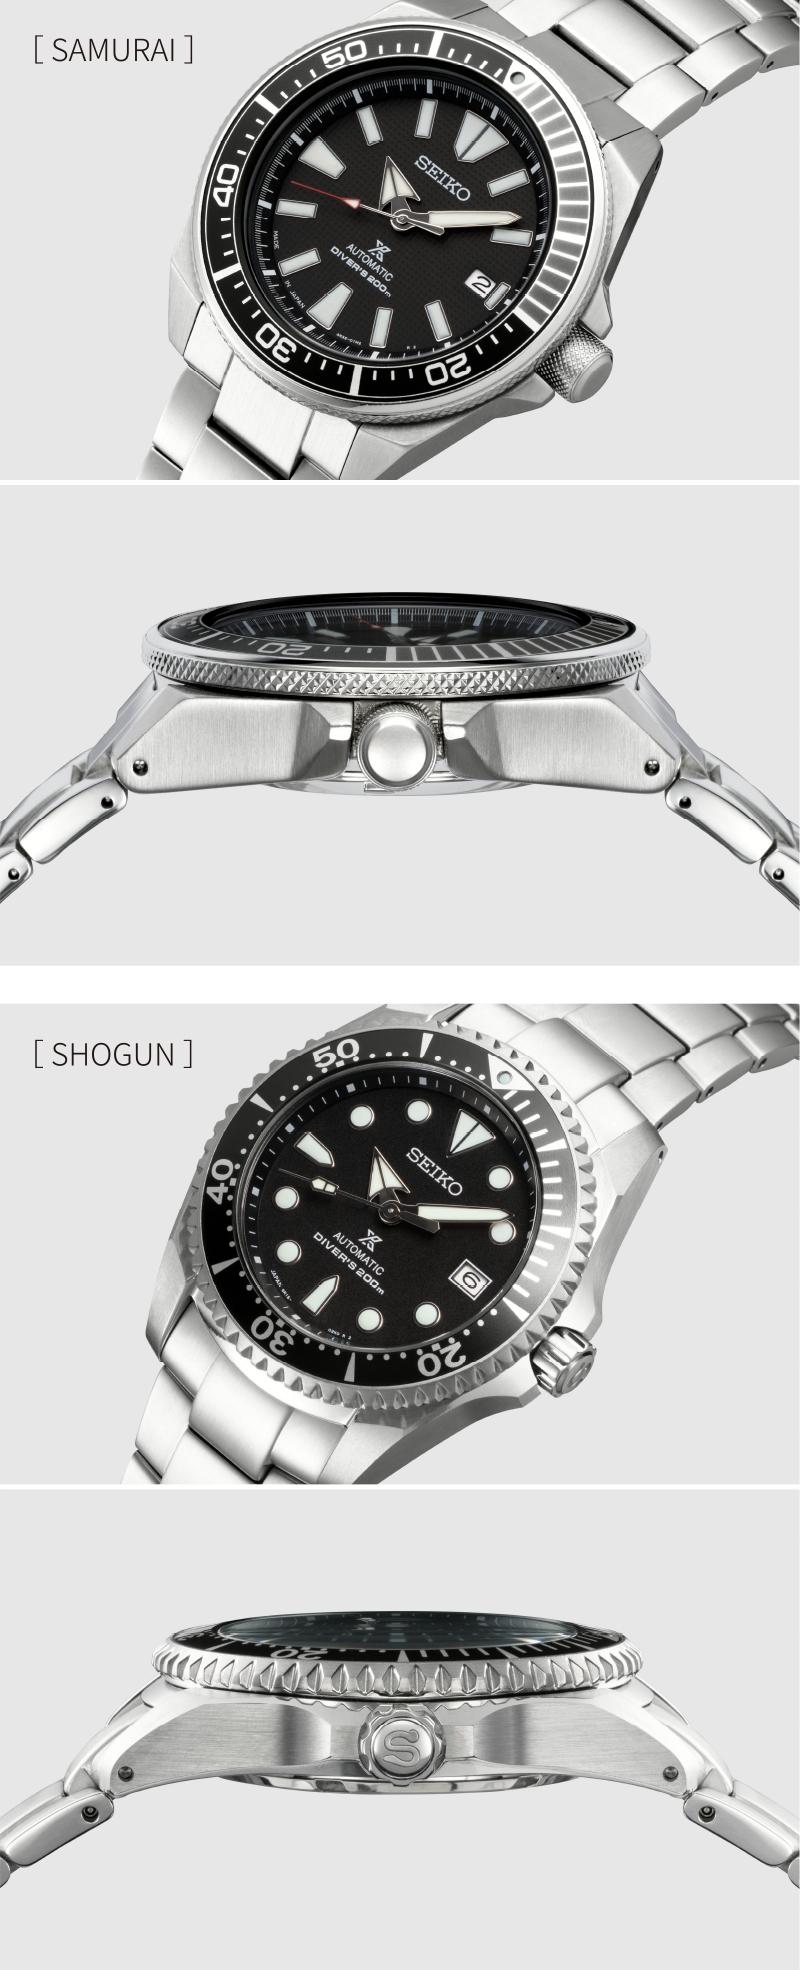 「SUMO」と「SHOGUN」の比較 斜め上からの写真と、りゅうず側側面からの写真